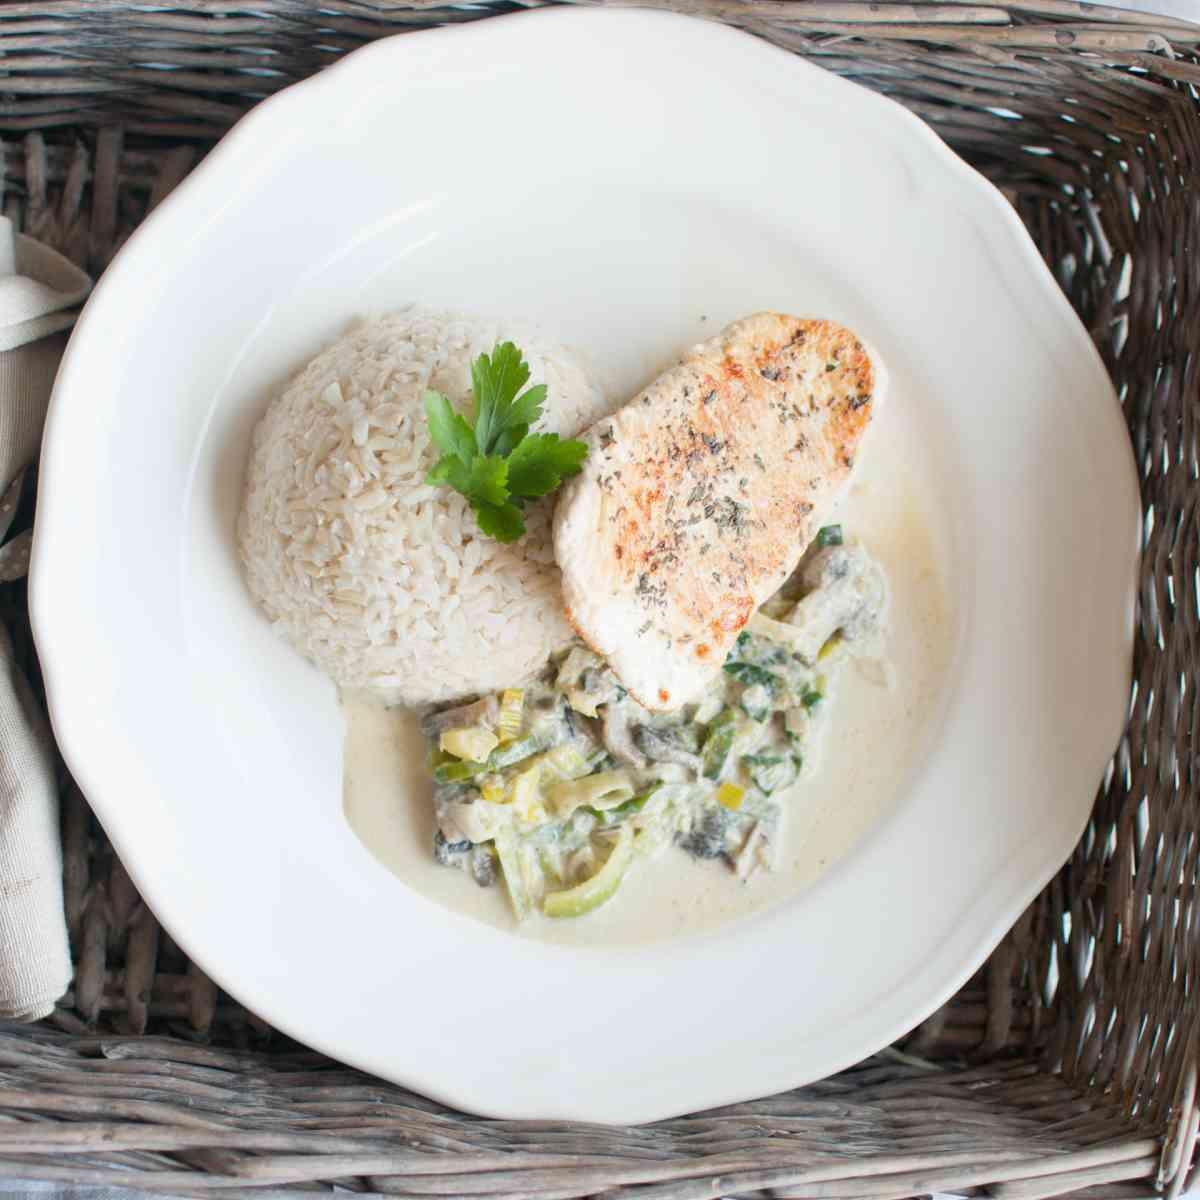 Krůtí steak s žampionovo-pórkovým ragú, celozrnná rýže s bylinkami